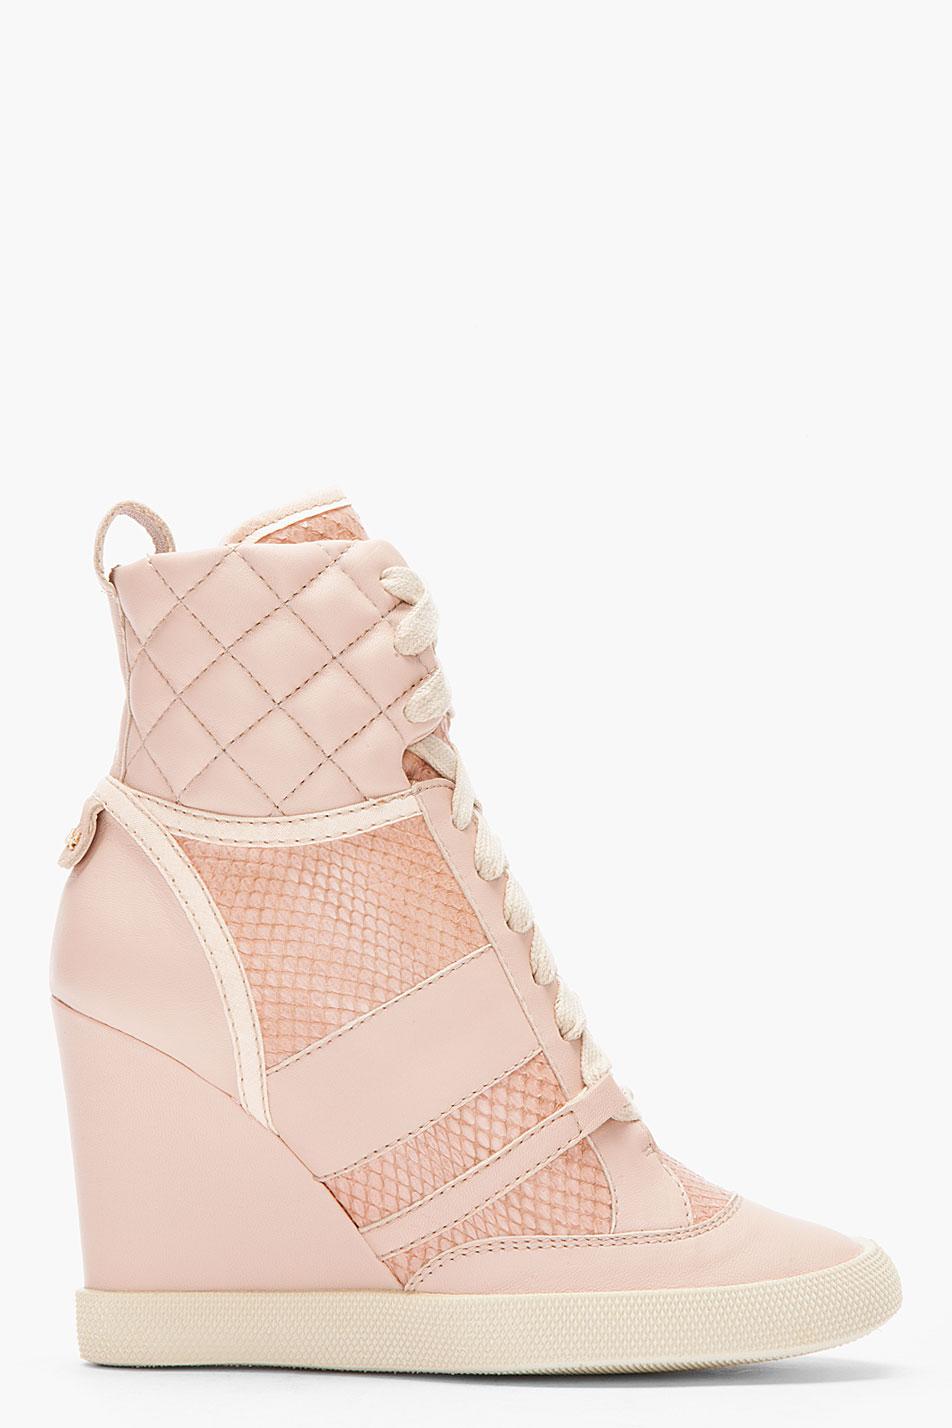 Chloé Pink Snakeskin Wedge Sneakers - Lyst